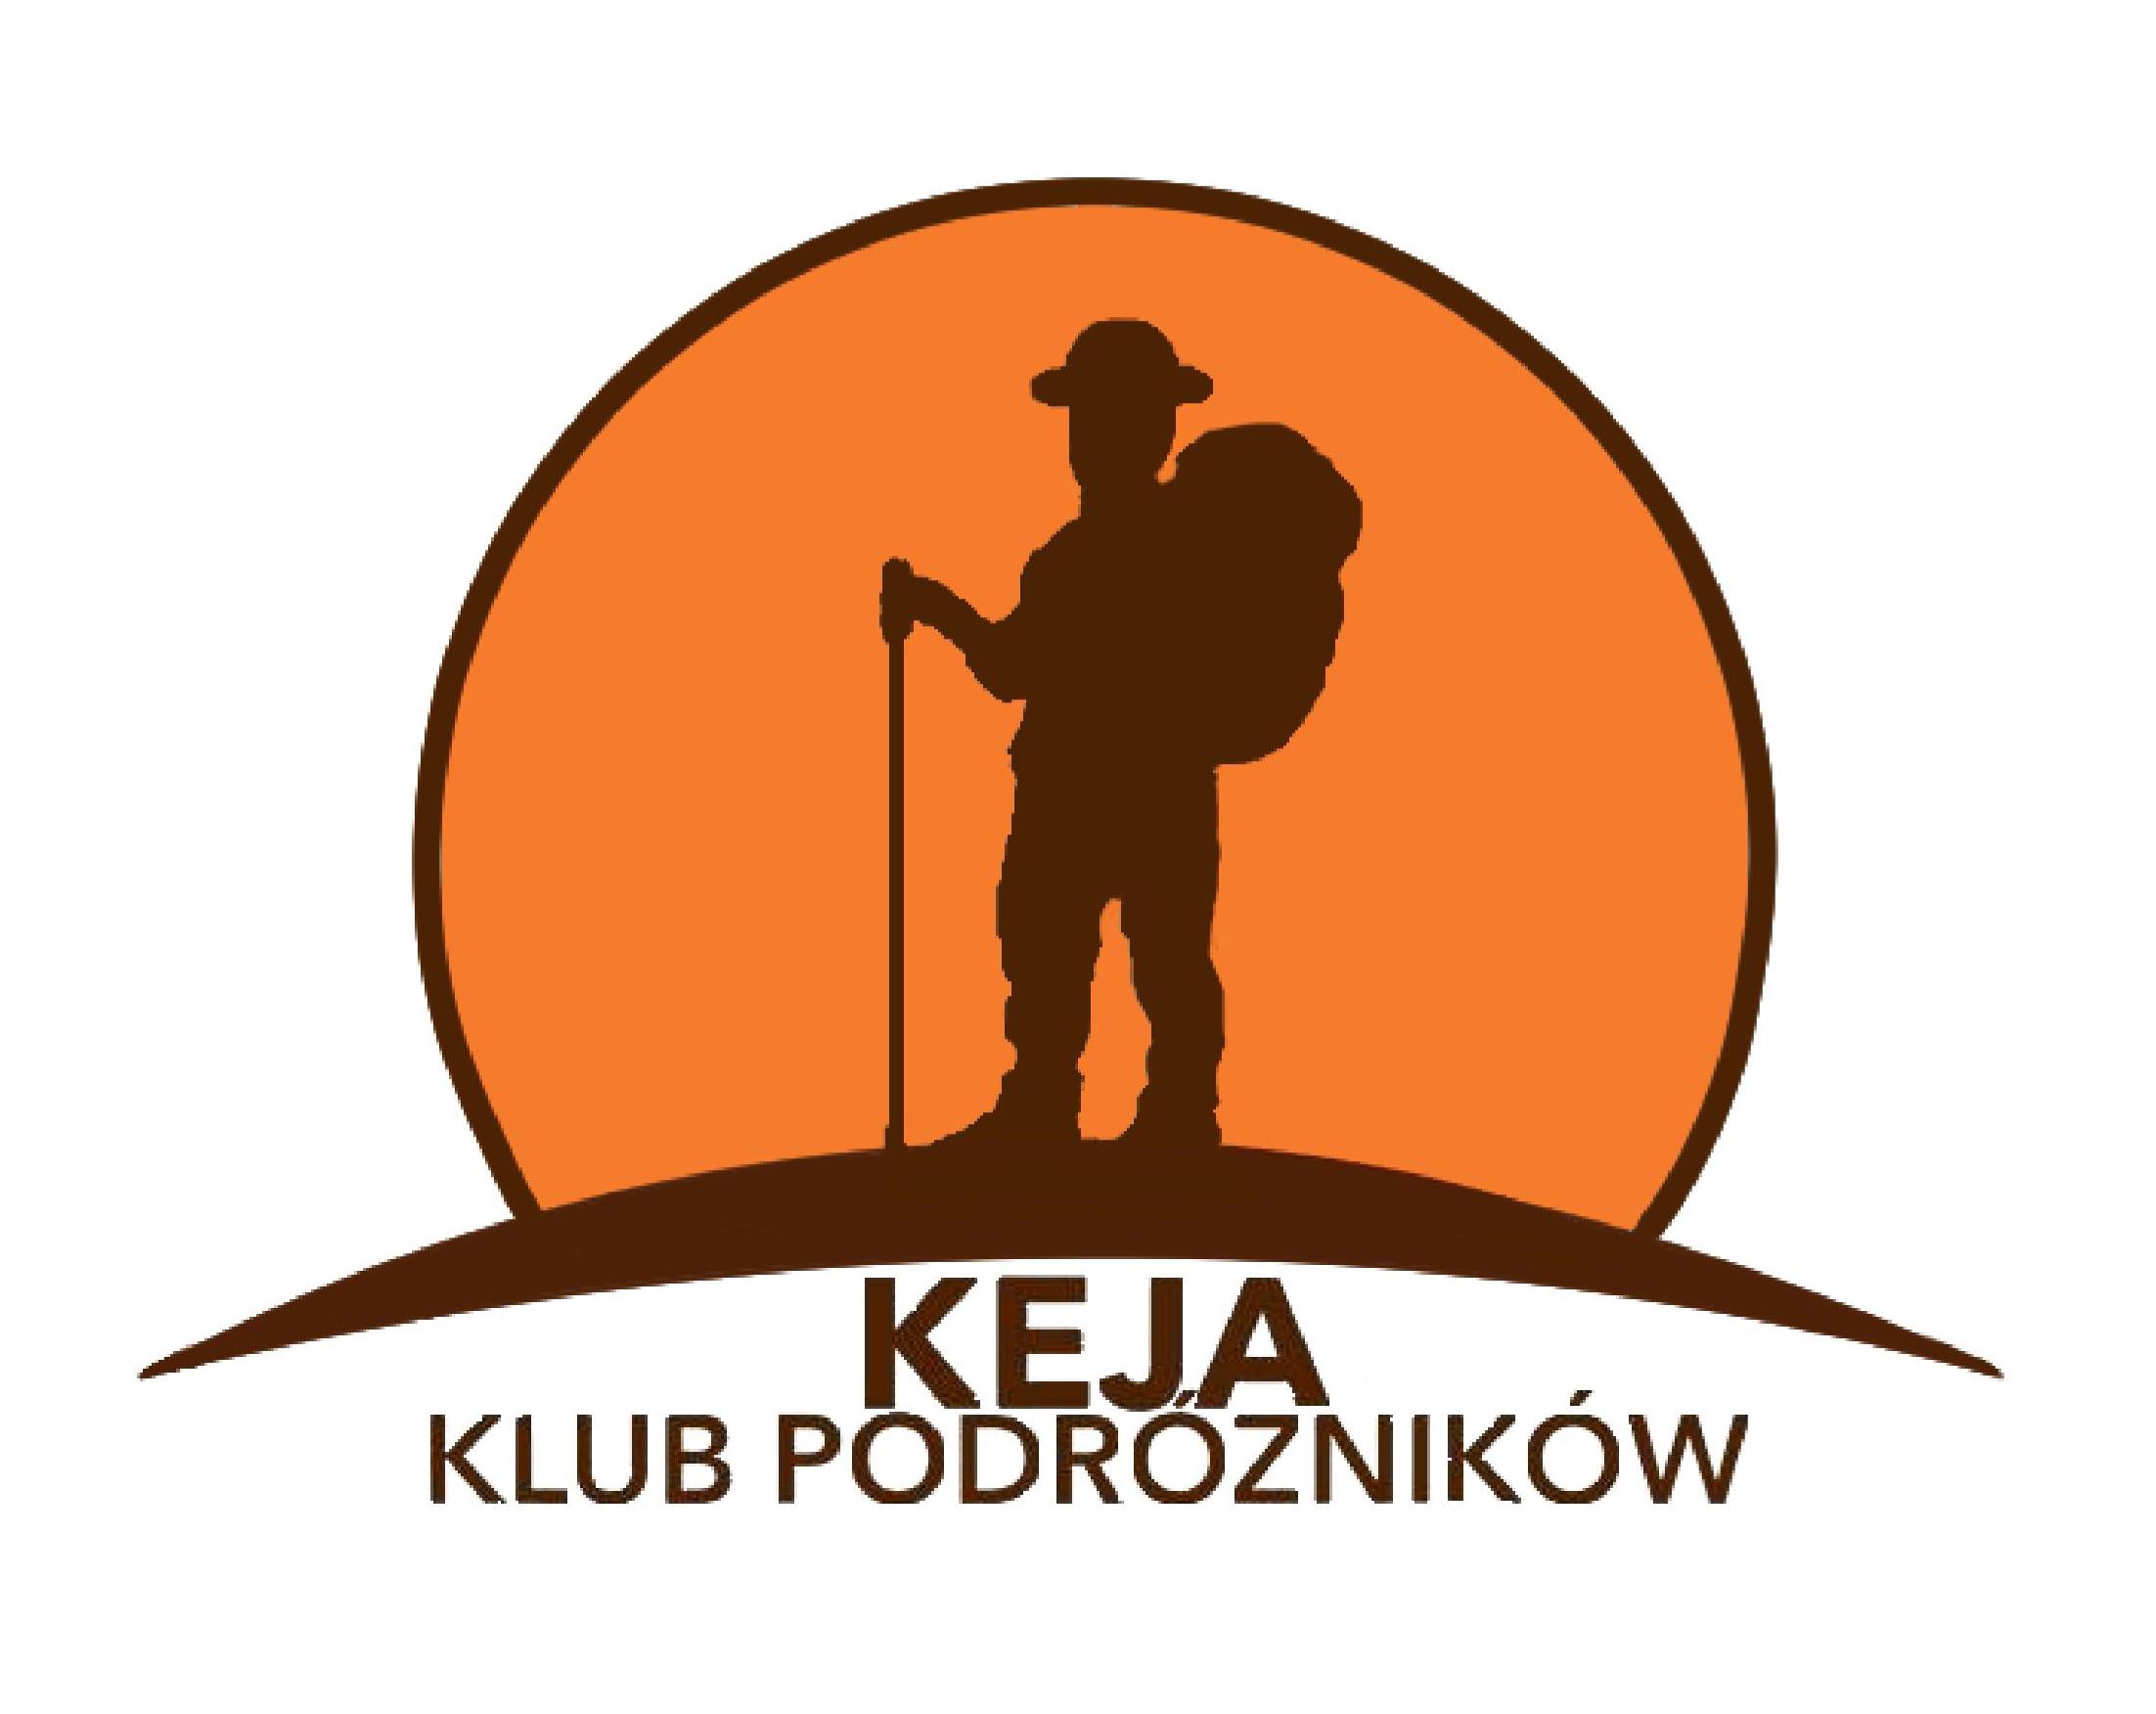 Klub Podróżników Keja